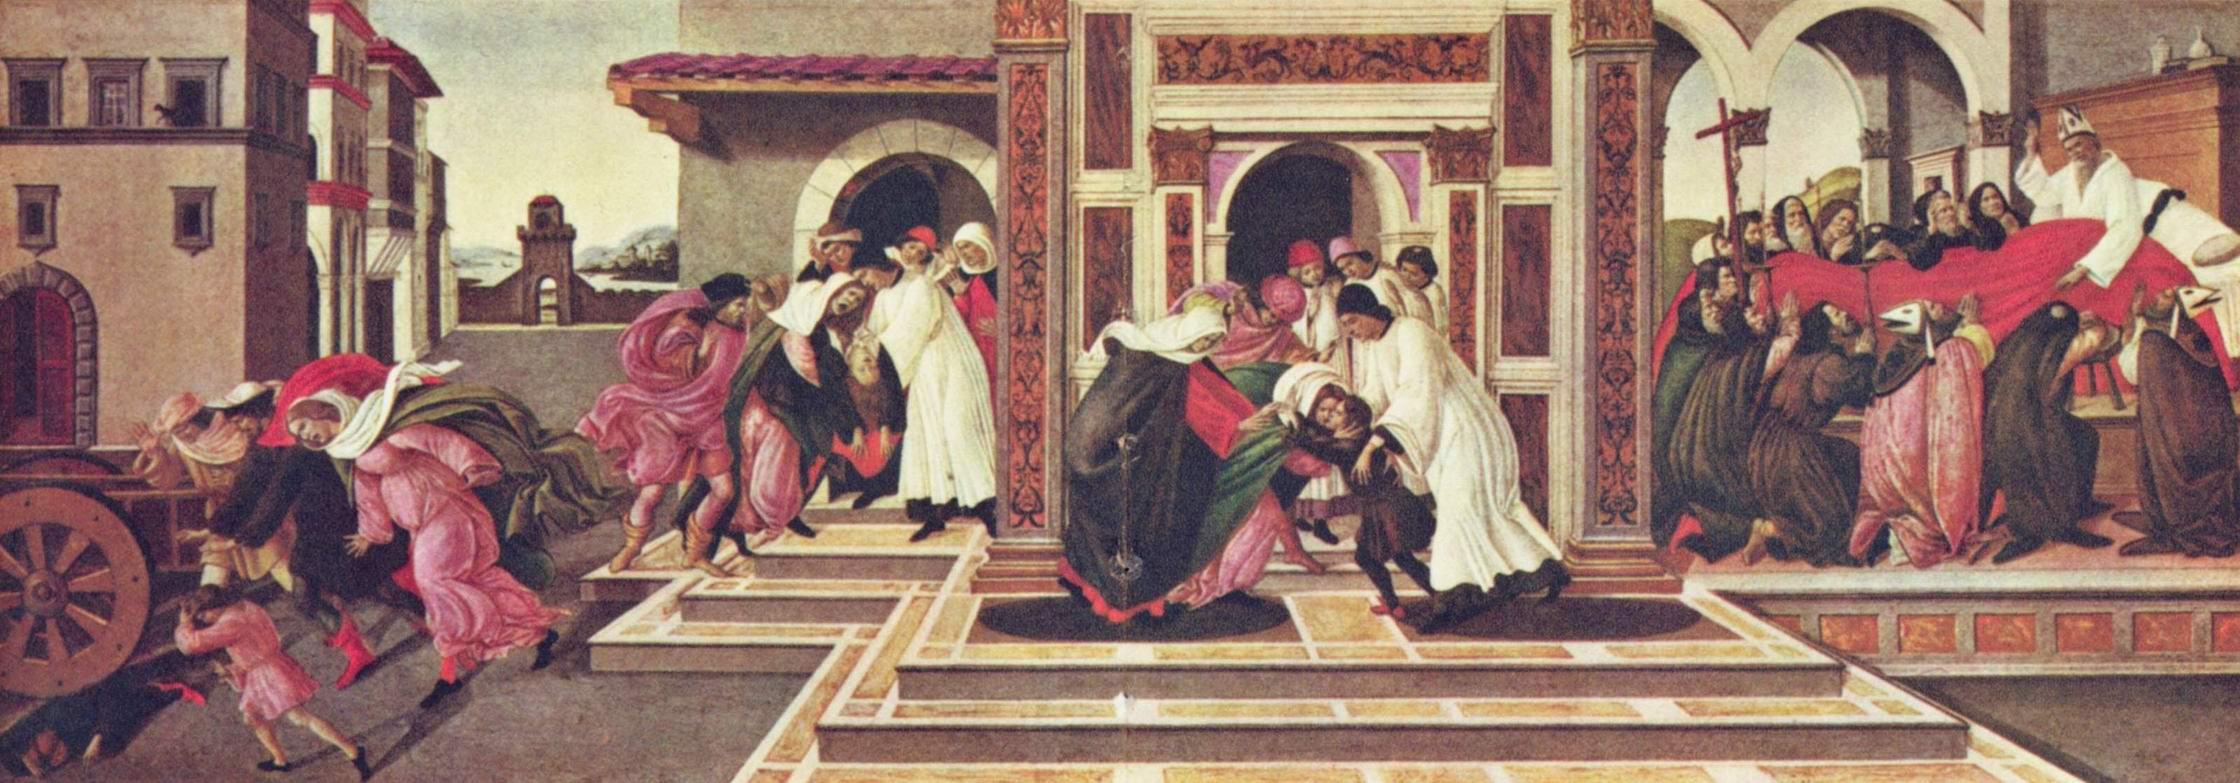 Эпизоды из жизни св. Зиновия Флорентийского, исцеление мальчика, перееханного повозкой и предсказание его собственной смерти, Сандро Боттичелли